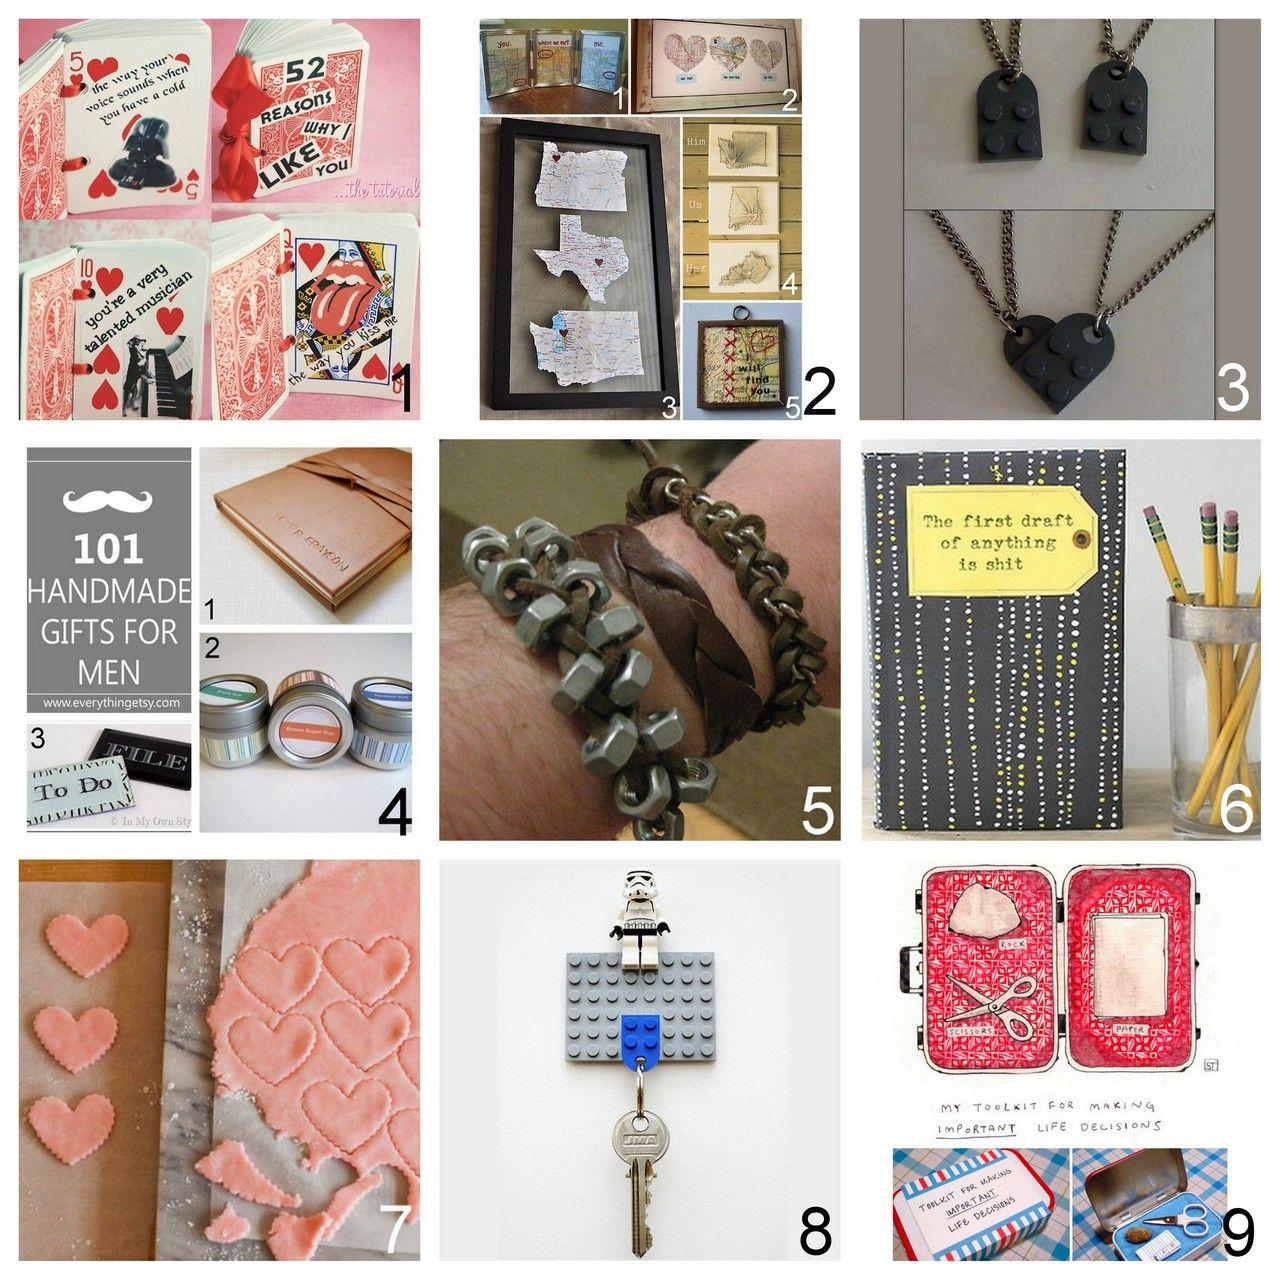 lego jewelry | Jewelry | Pinterest | Lego jewelry, Boyfriend ...